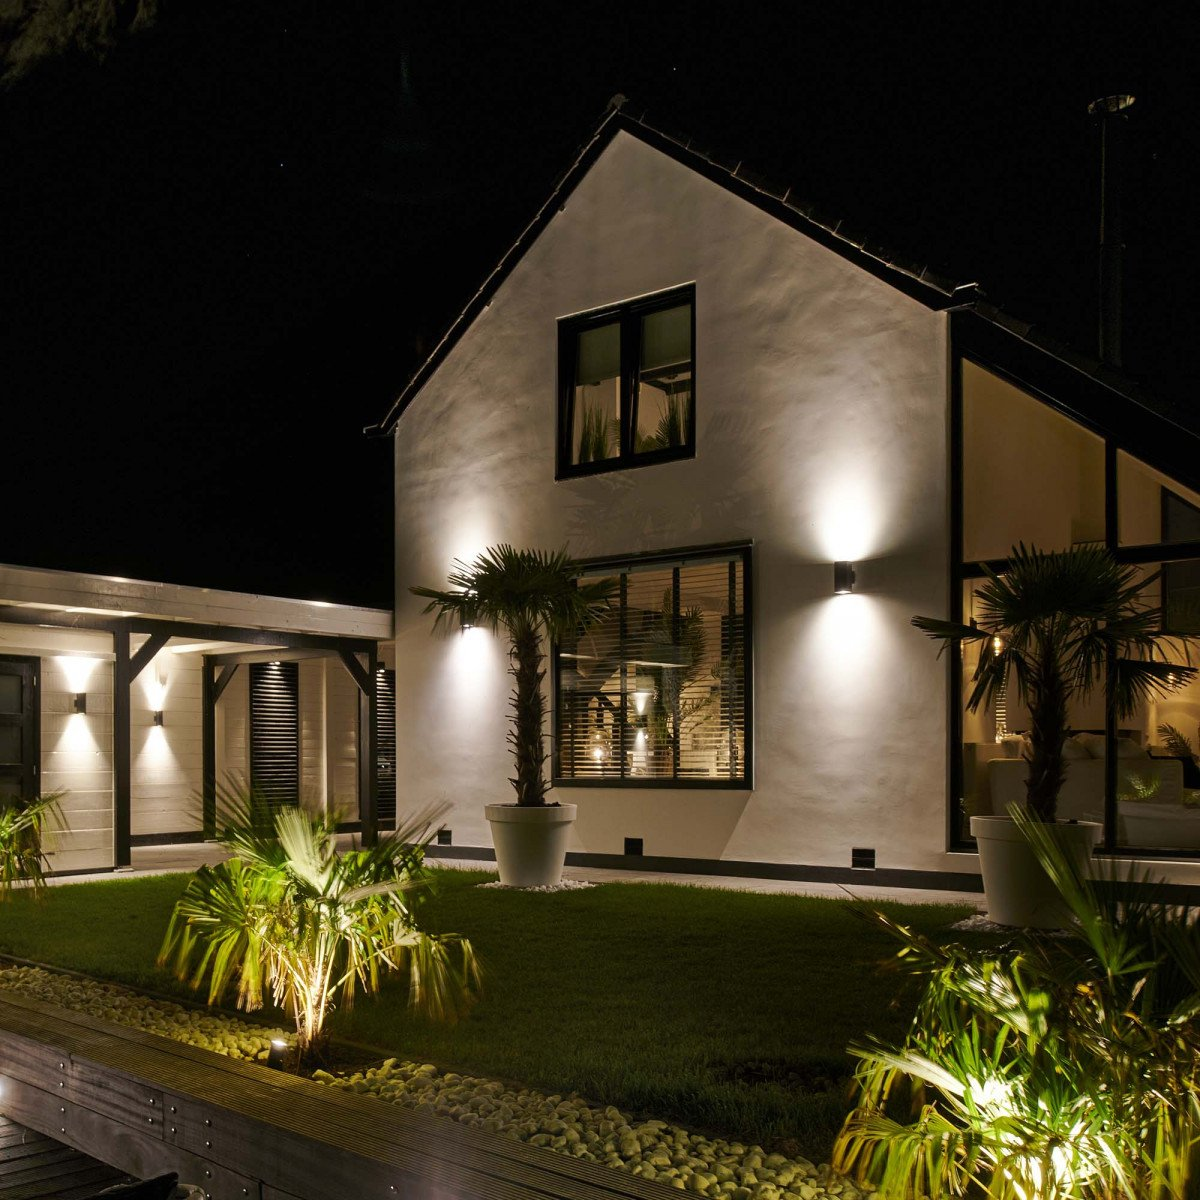 moderne wandverlichting, solid XL muurlamp, een krachtige stijlvolle wandspot perfect voor het verlichten van gevels, KS up en downlighter